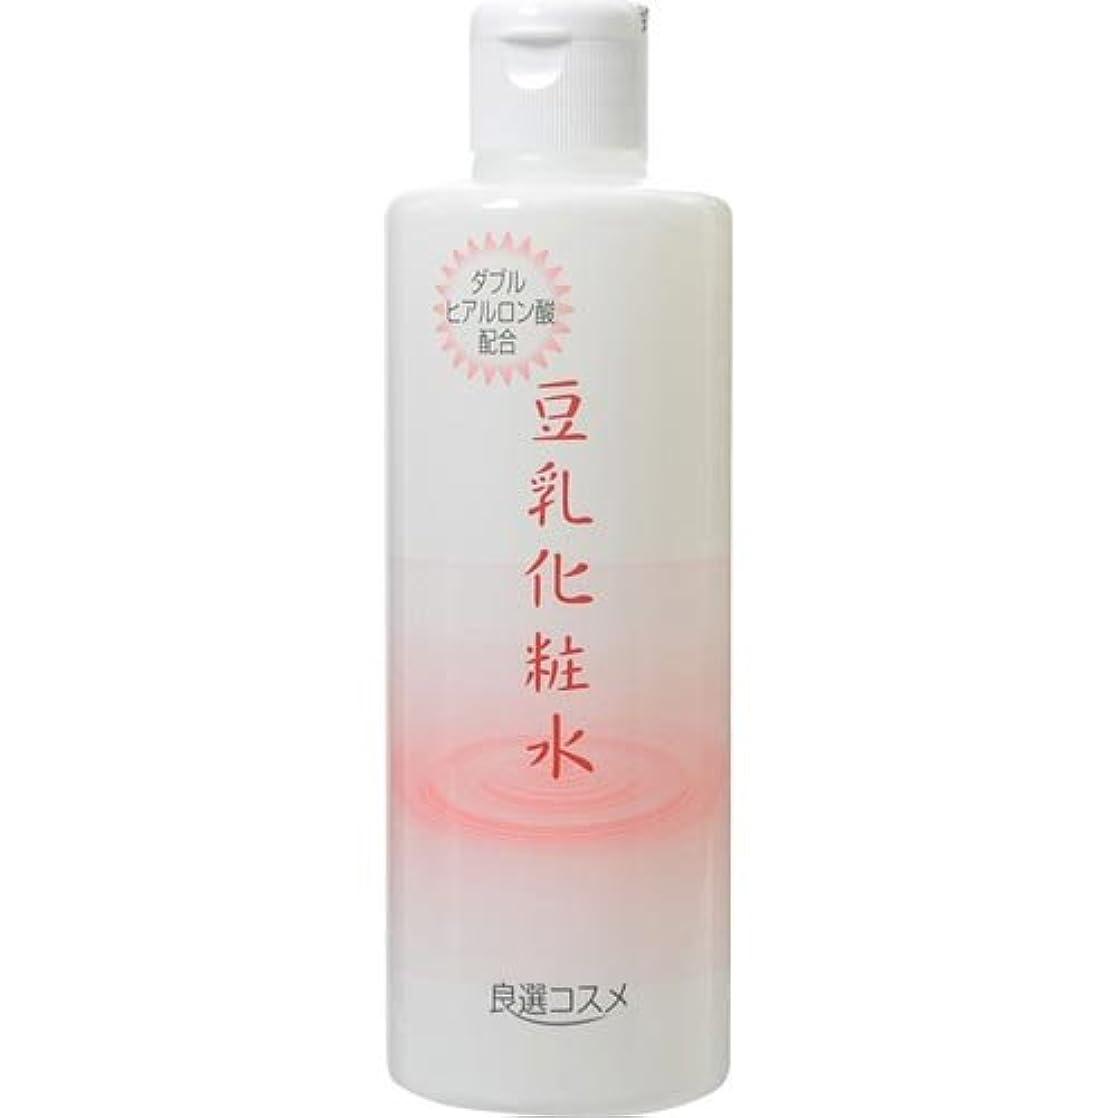 遅い一生スキル良選企画 豆乳化粧水 300ml